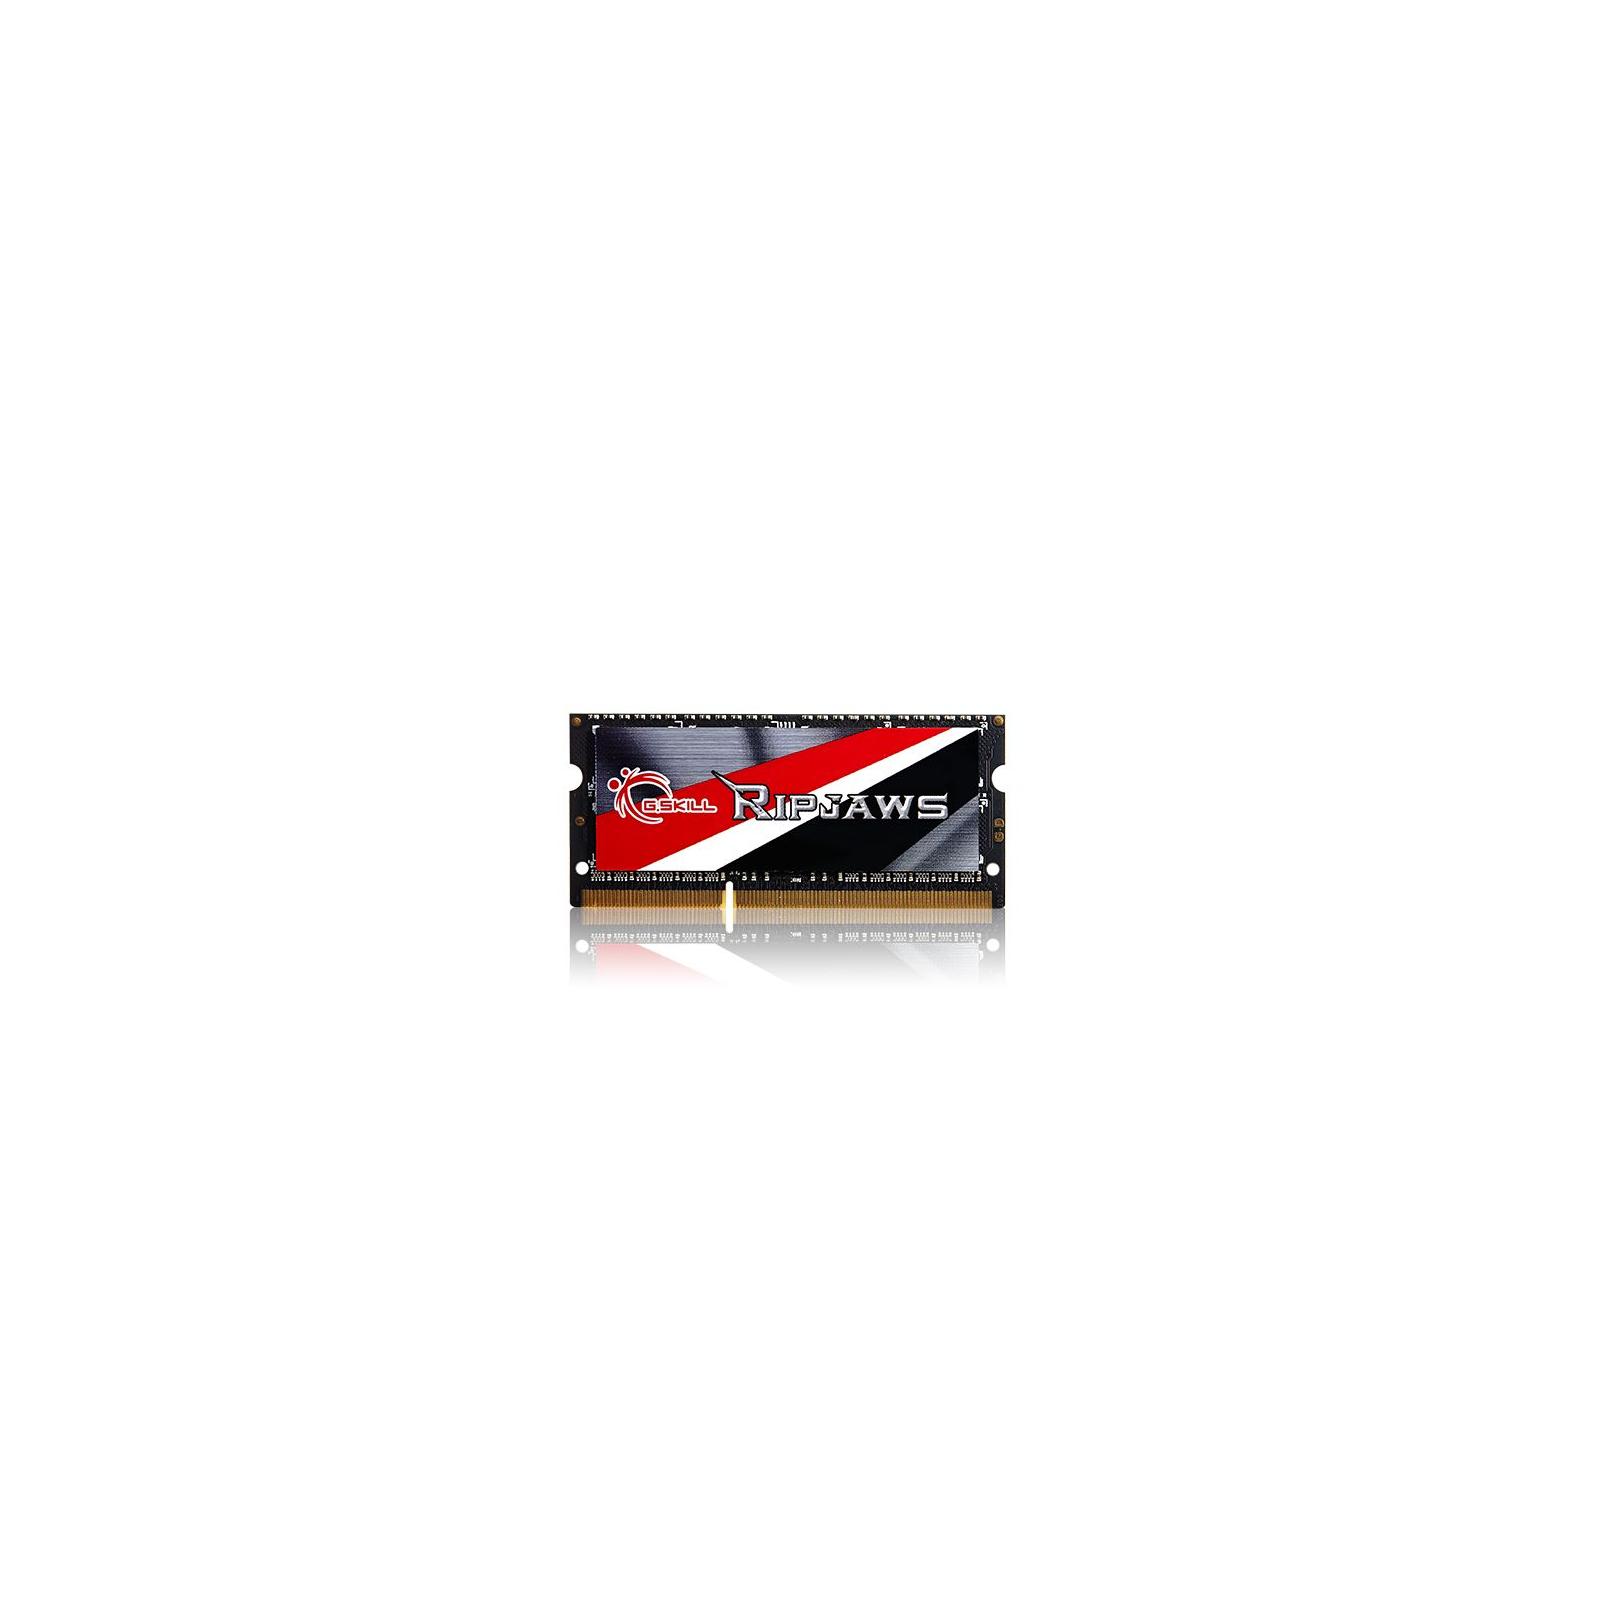 Модуль памяти для ноутбука SoDIMM DDR3 8GB (2x4GB) 1600 MHz G.Skill (F3-1600C11D-8GRSL) изображение 3